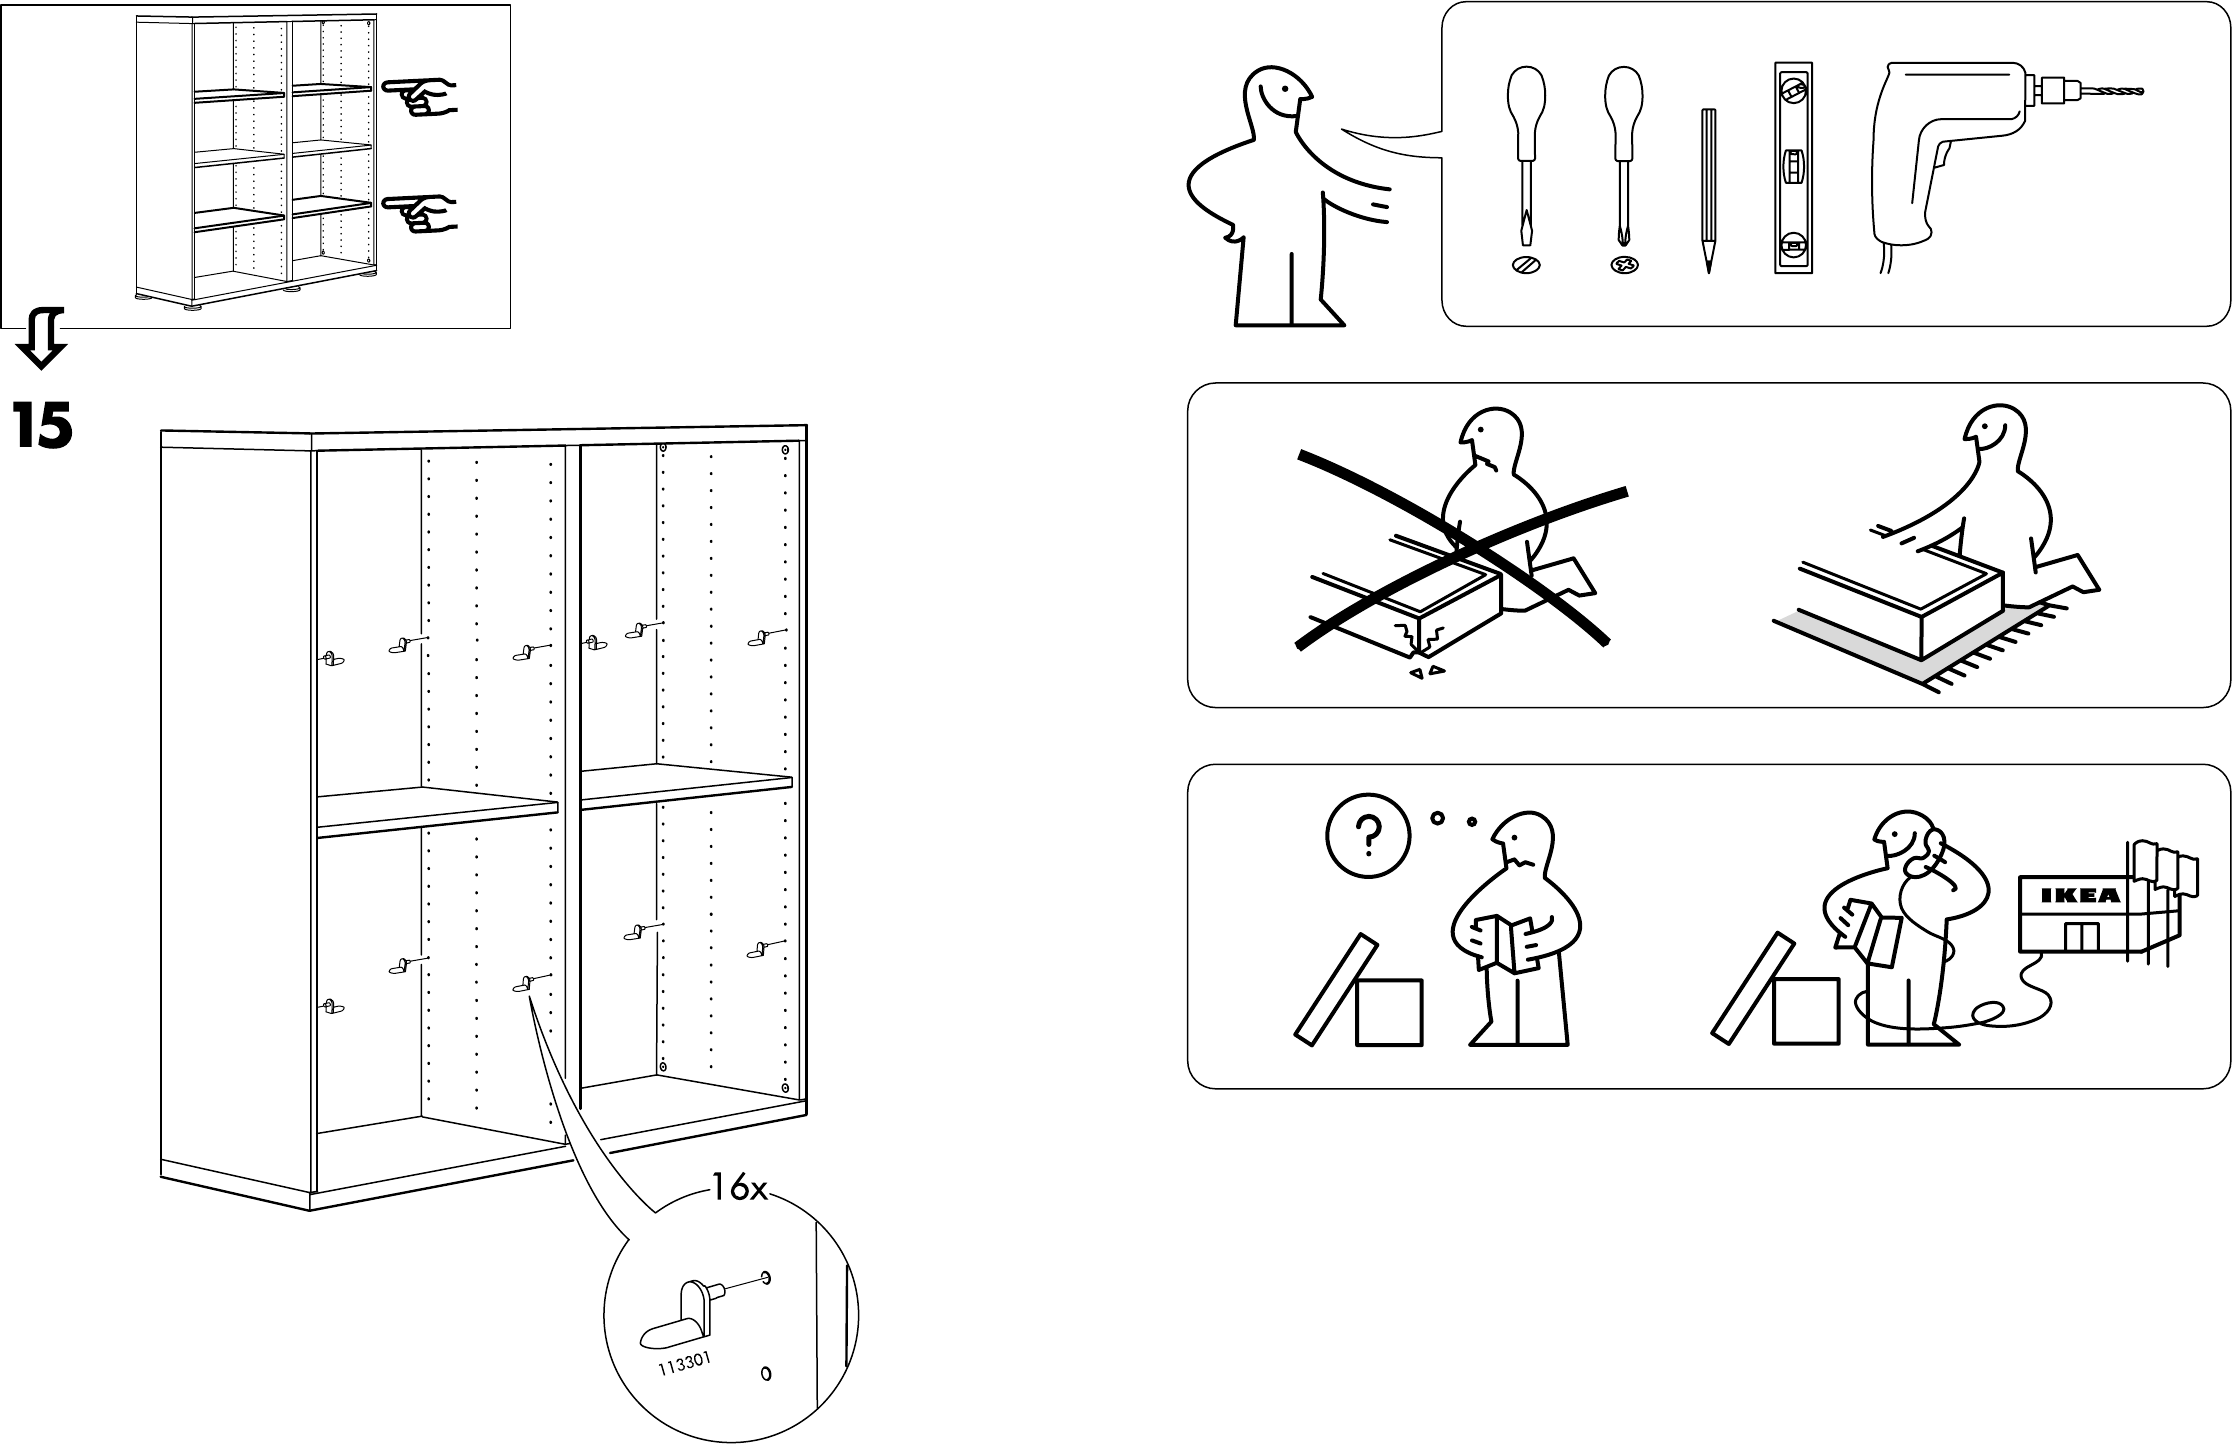 Handleiding Ikea Besta Kast Pagina 5 Van 10 Dansk